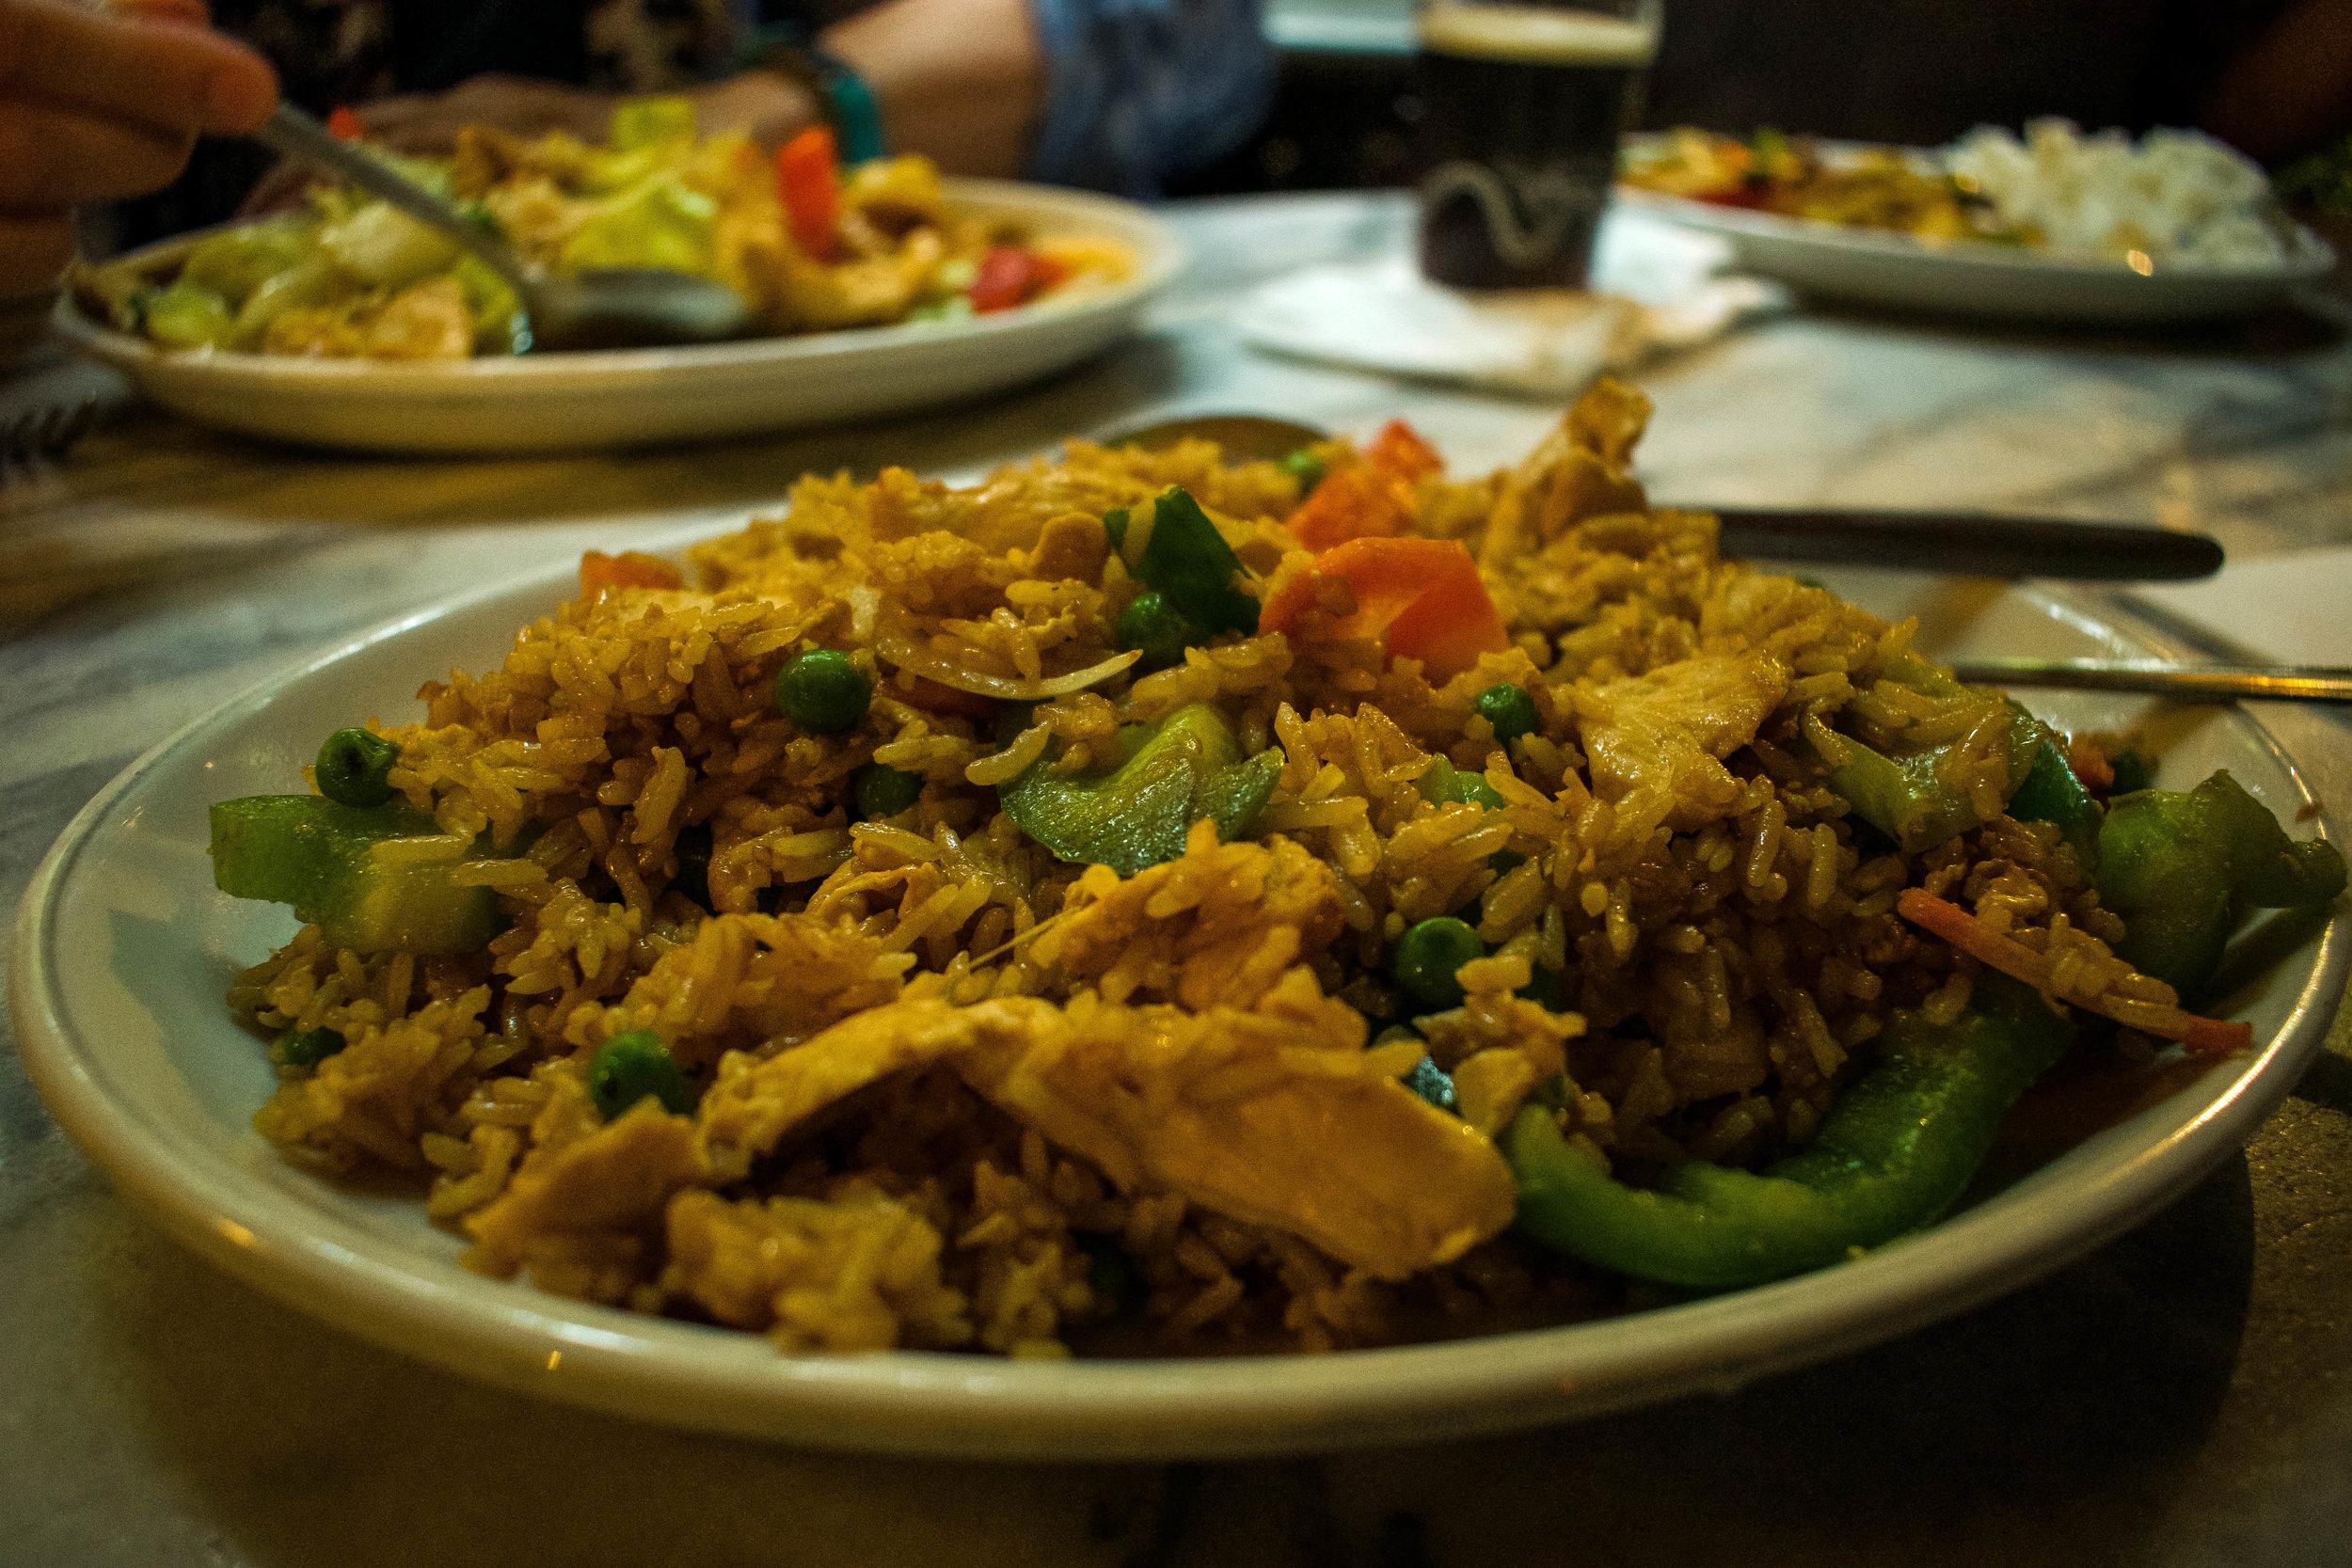 Mmmm Thai Fried Rice